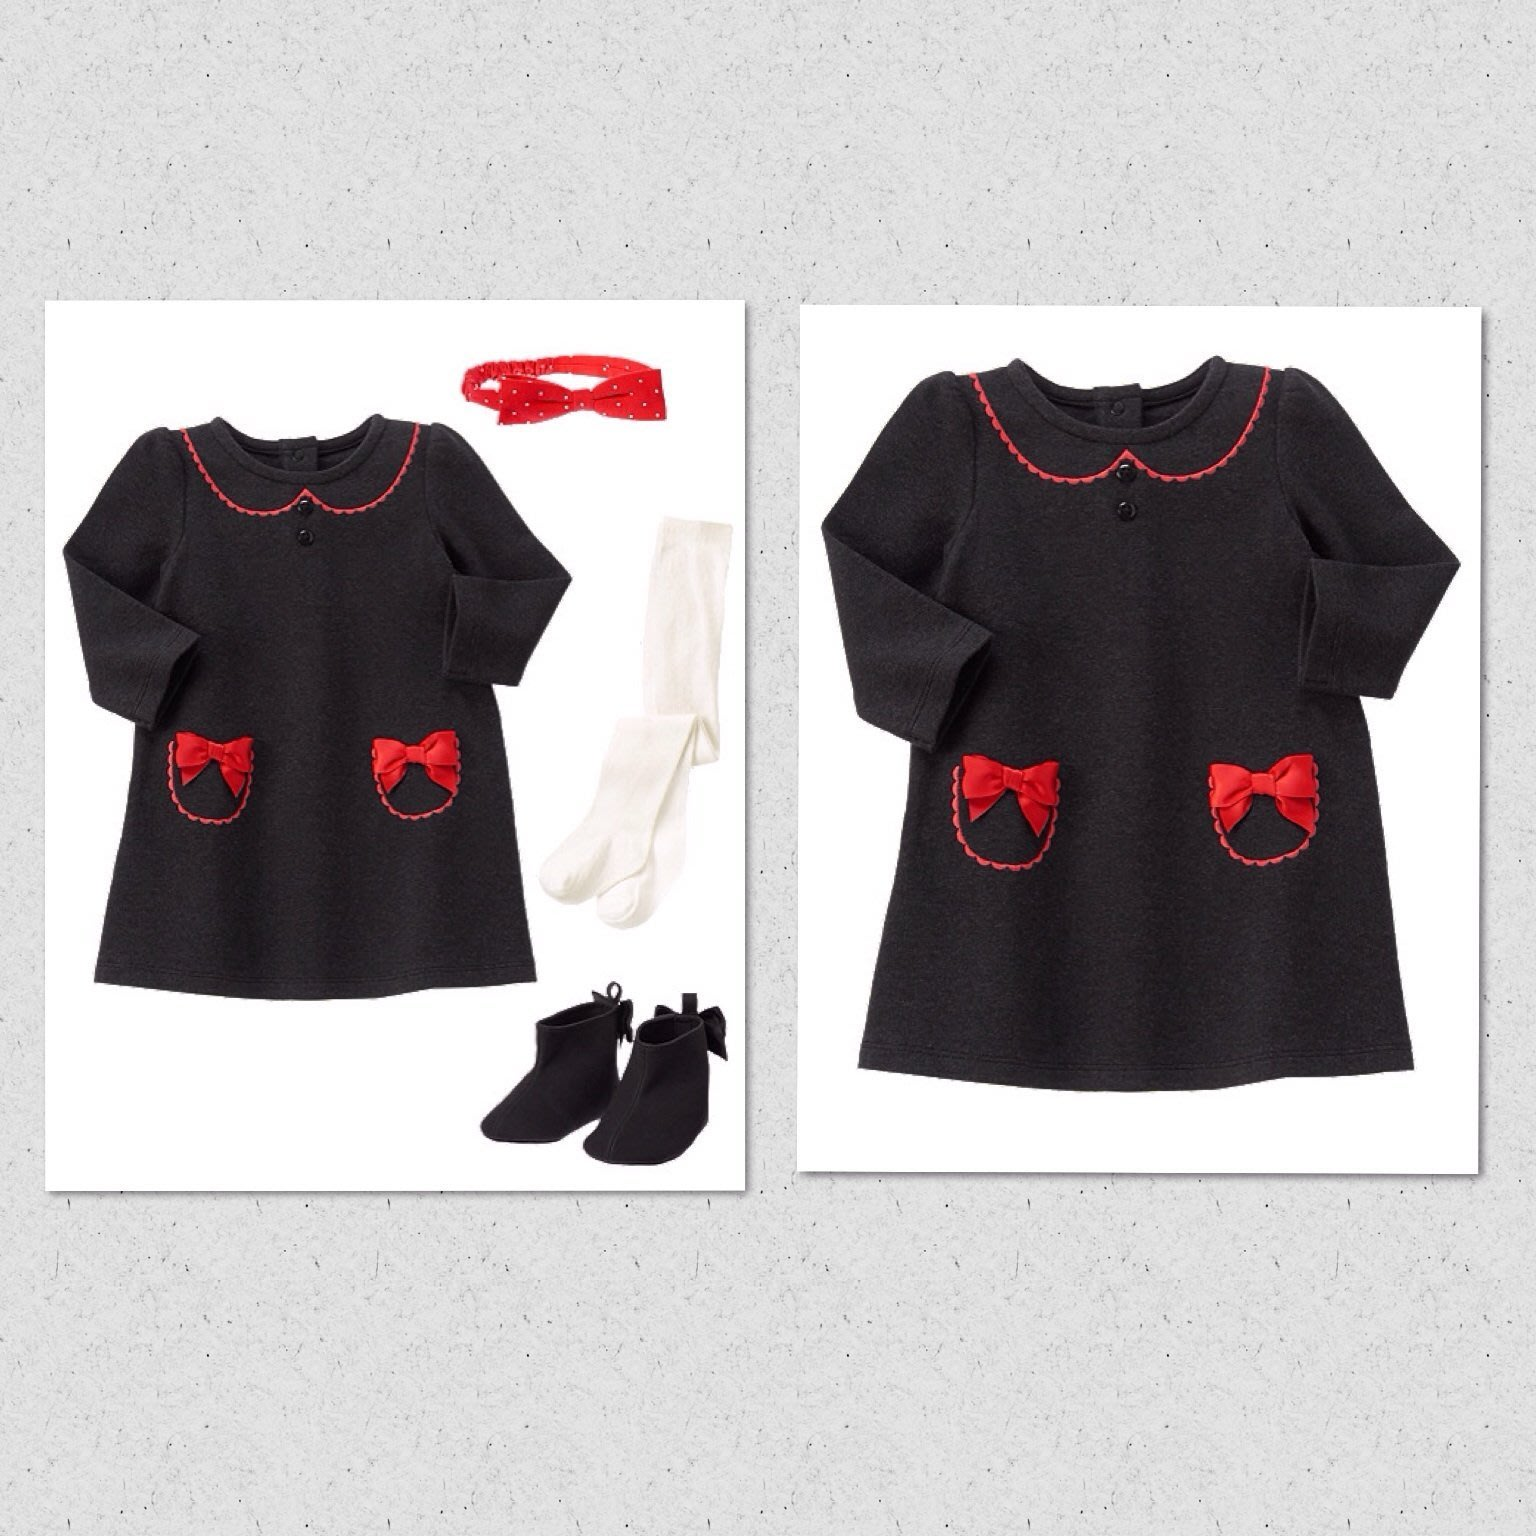 美國GYMBOREE正品 Scalloped Trim Dress蝴蝶結連身裙洋裝12~18m.18~24m.售200元